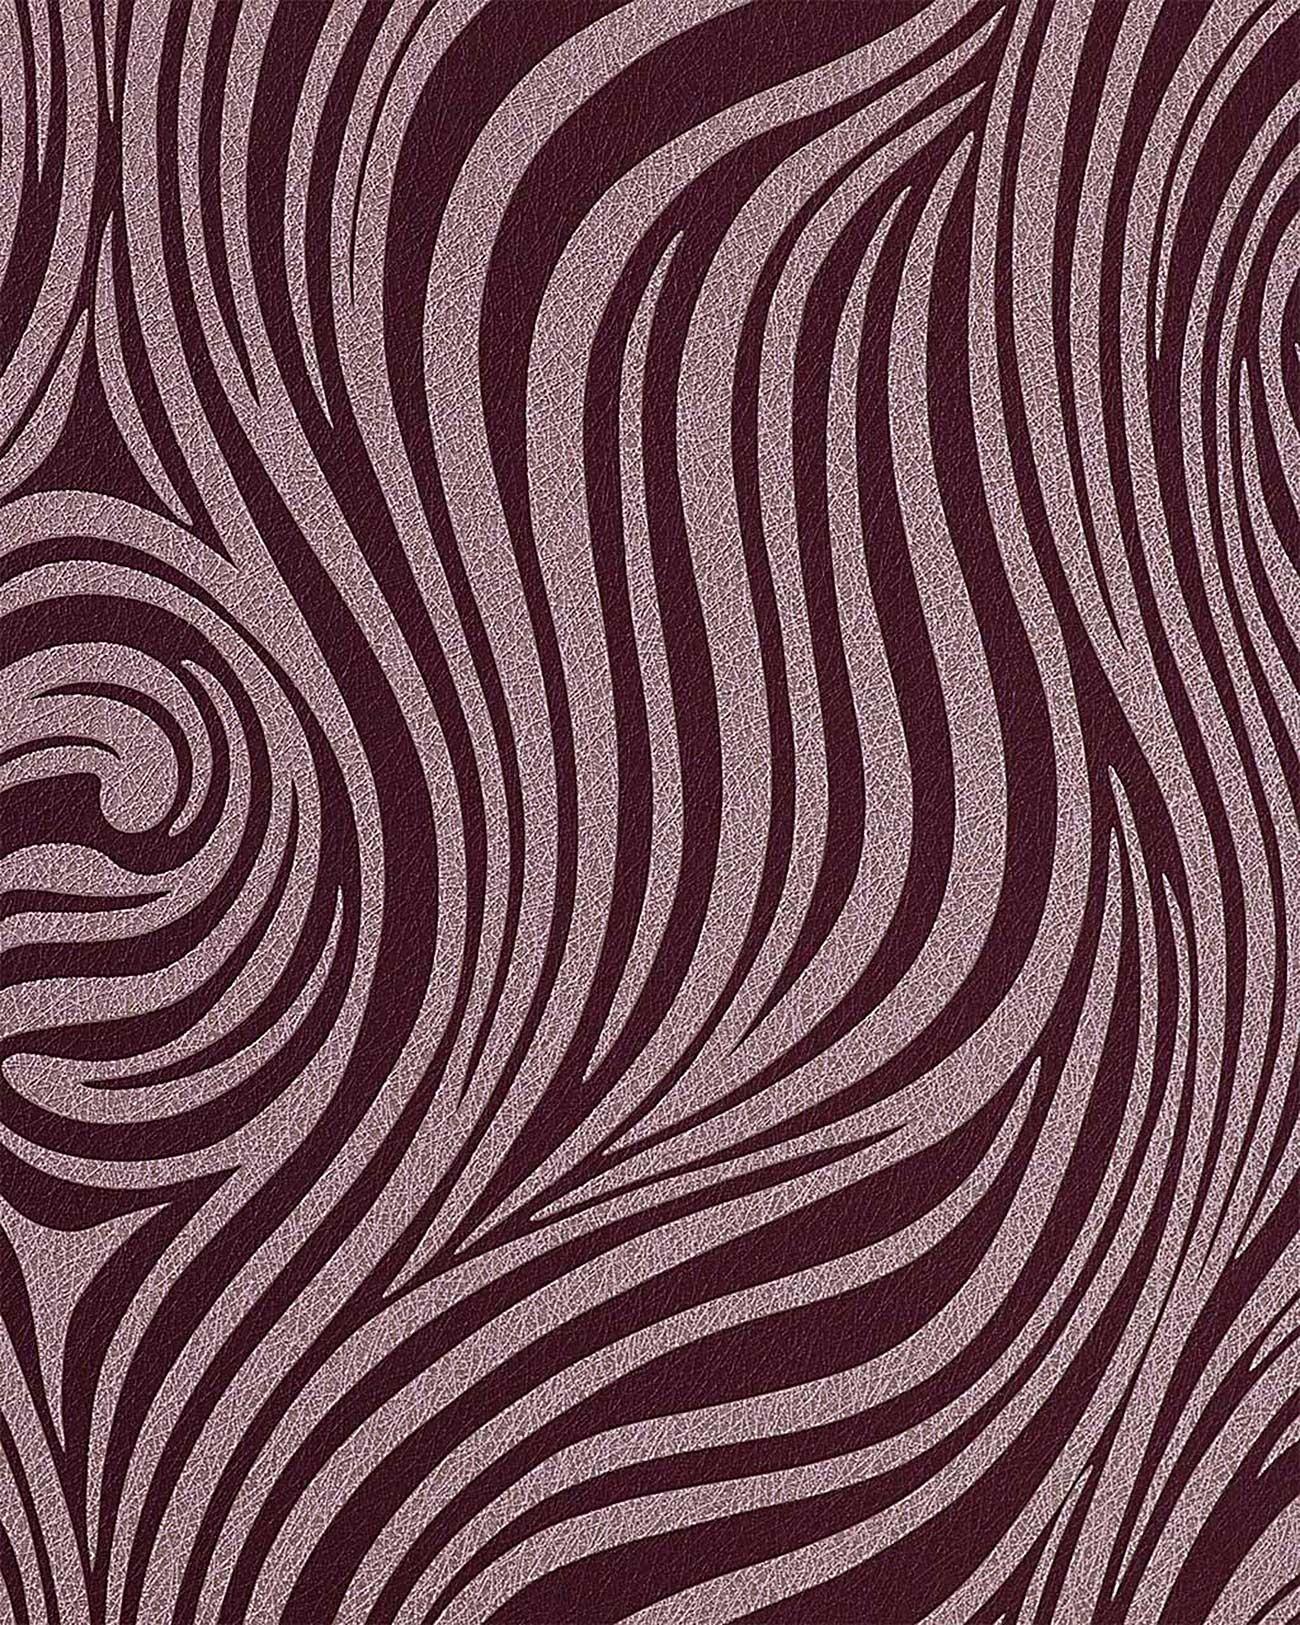 Neo behang met zebra strepen edem 1016 14 paars licht paars origineel edem bij - Behang zebra ...